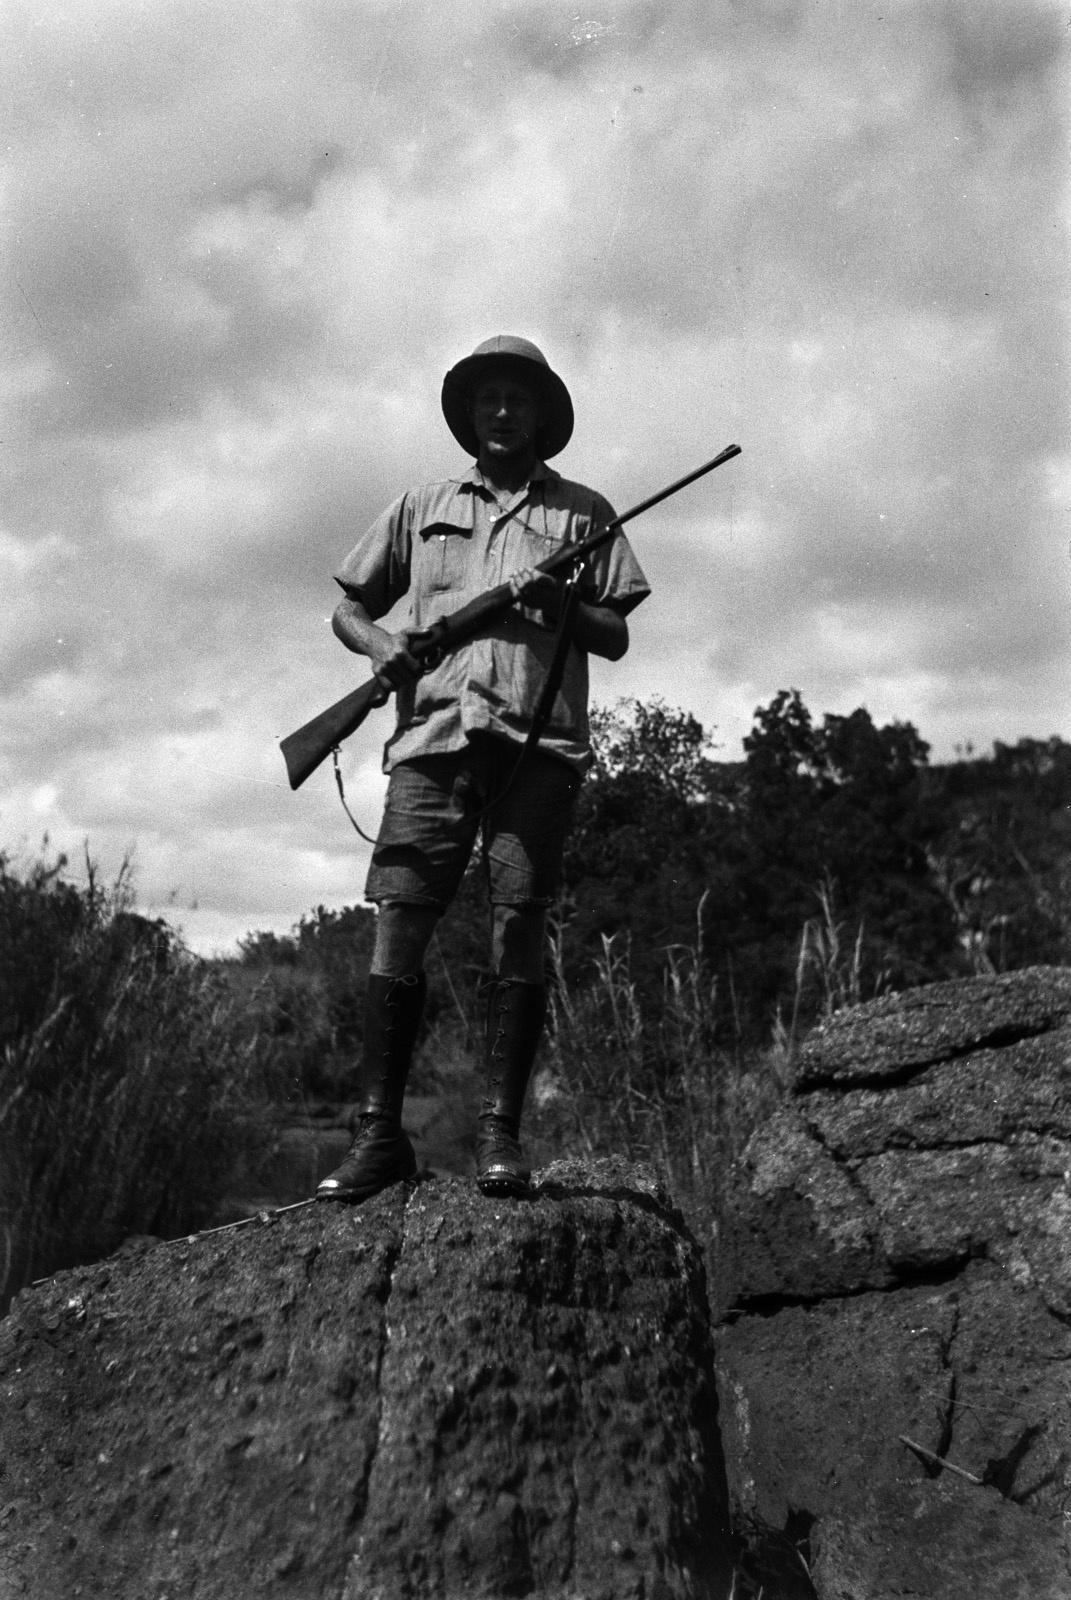 Между Капири Мпоши и рекой Лунсемфва. Портрет Эрнста Аккермана, стоящего на валуне и держащего винтовку